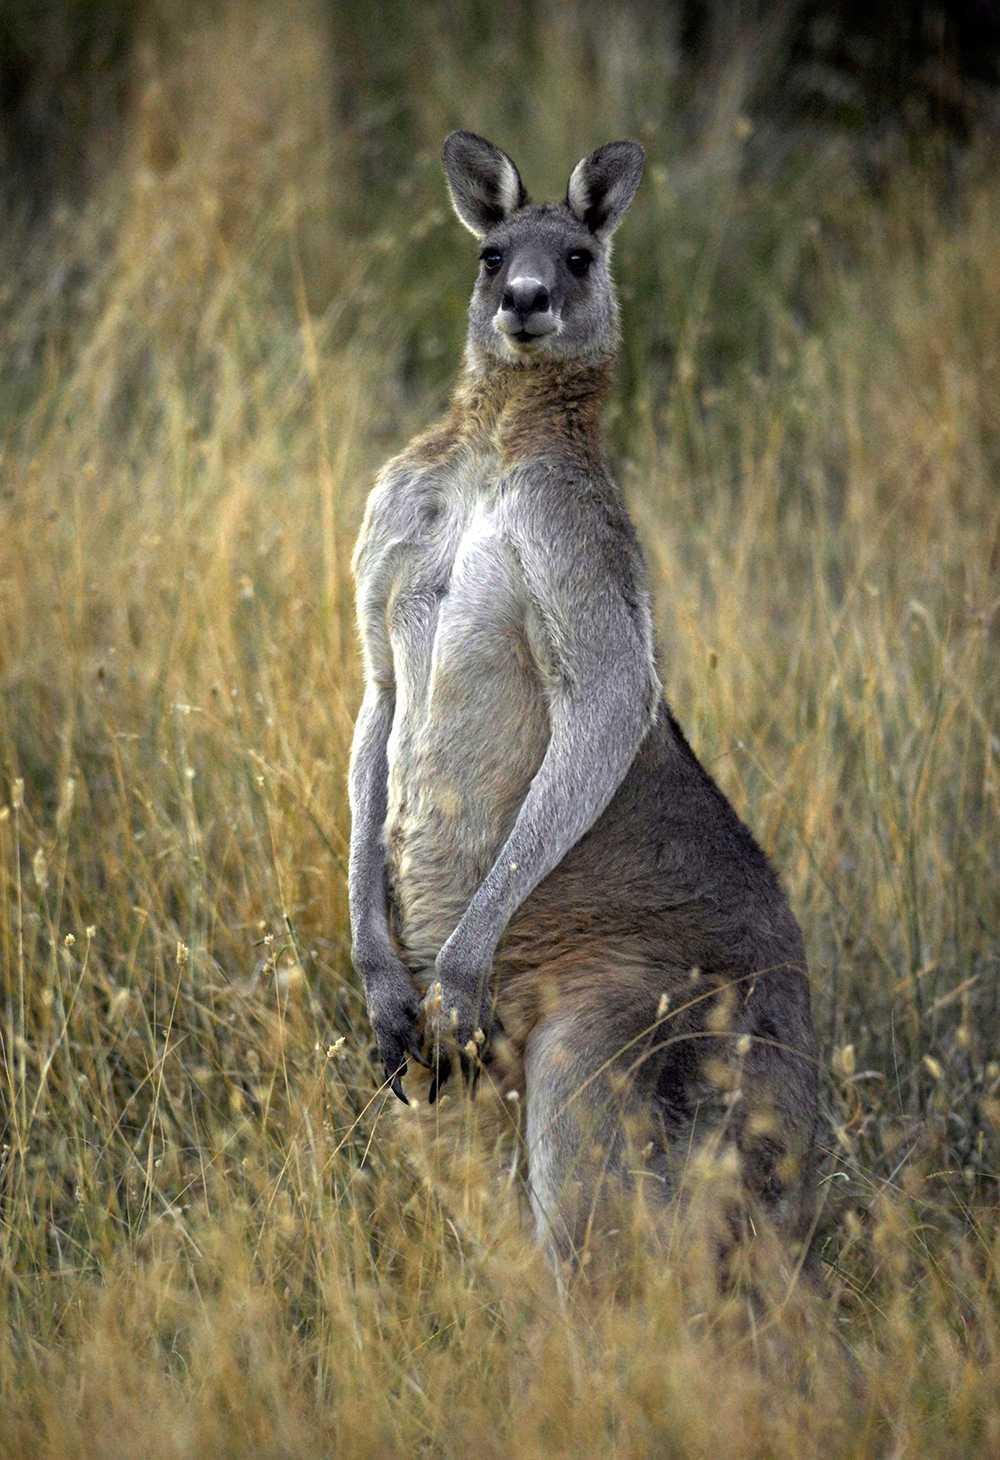 Bilden föreställer en annan känguru än den i artikeln.